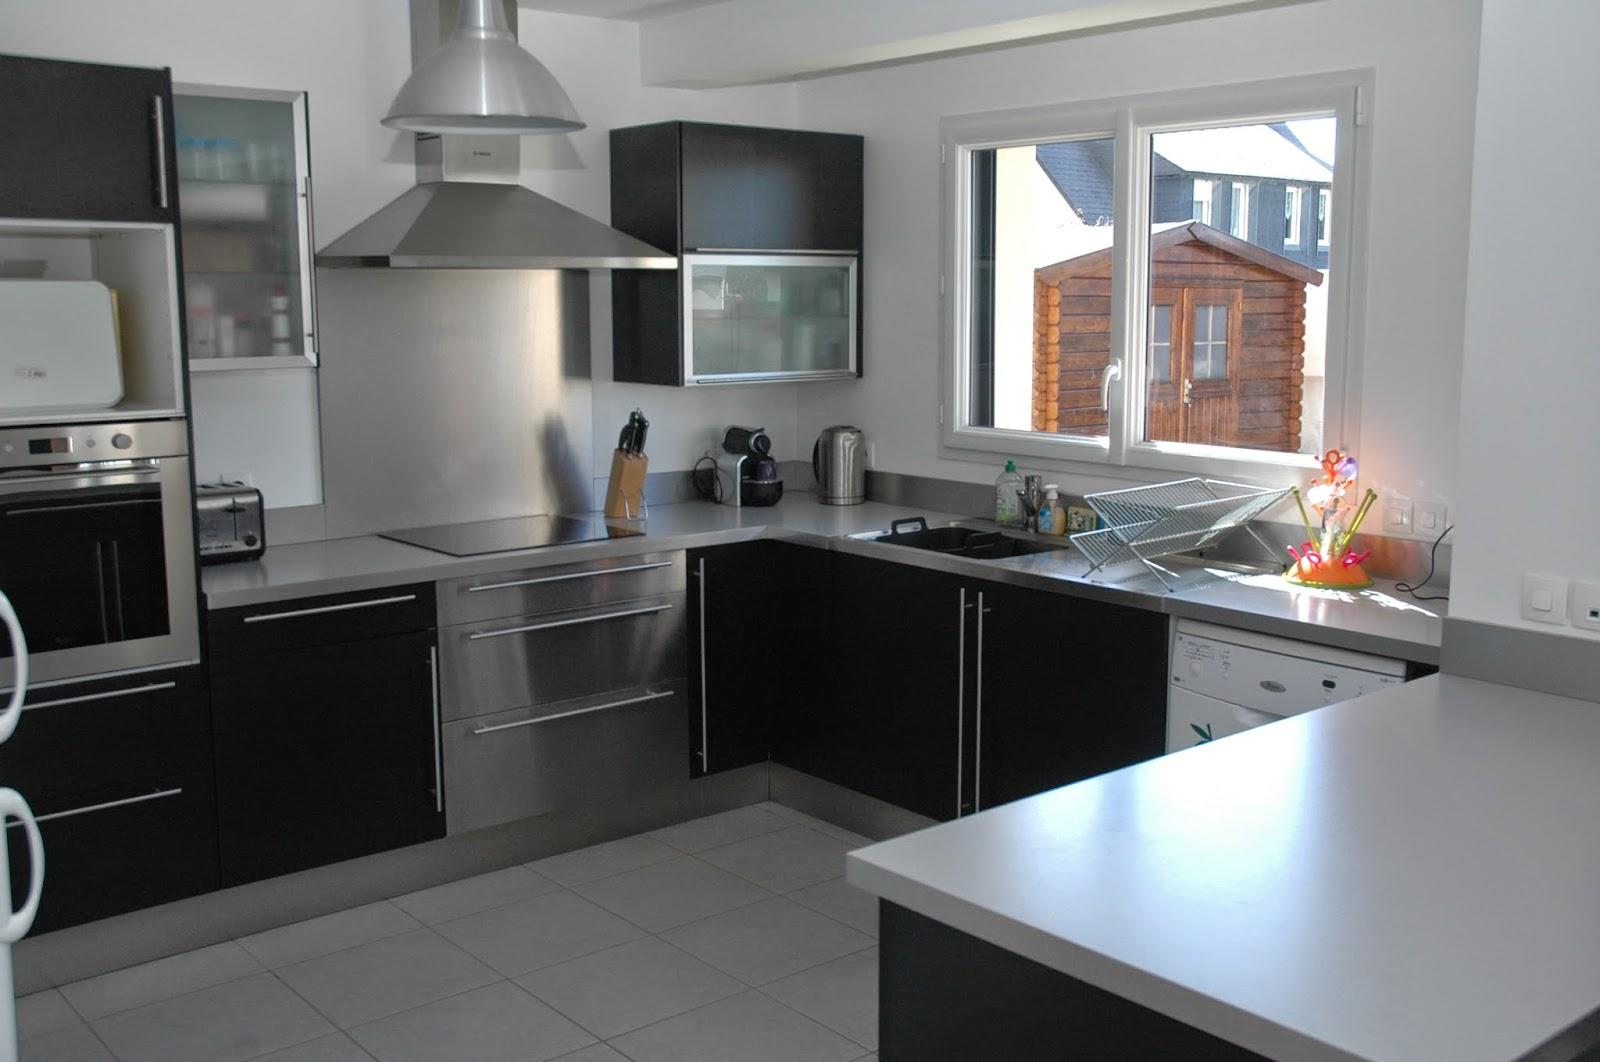 Cuisine equipee maison et mobilier d 39 int rieur for Acheter une cuisine equipee pas cher